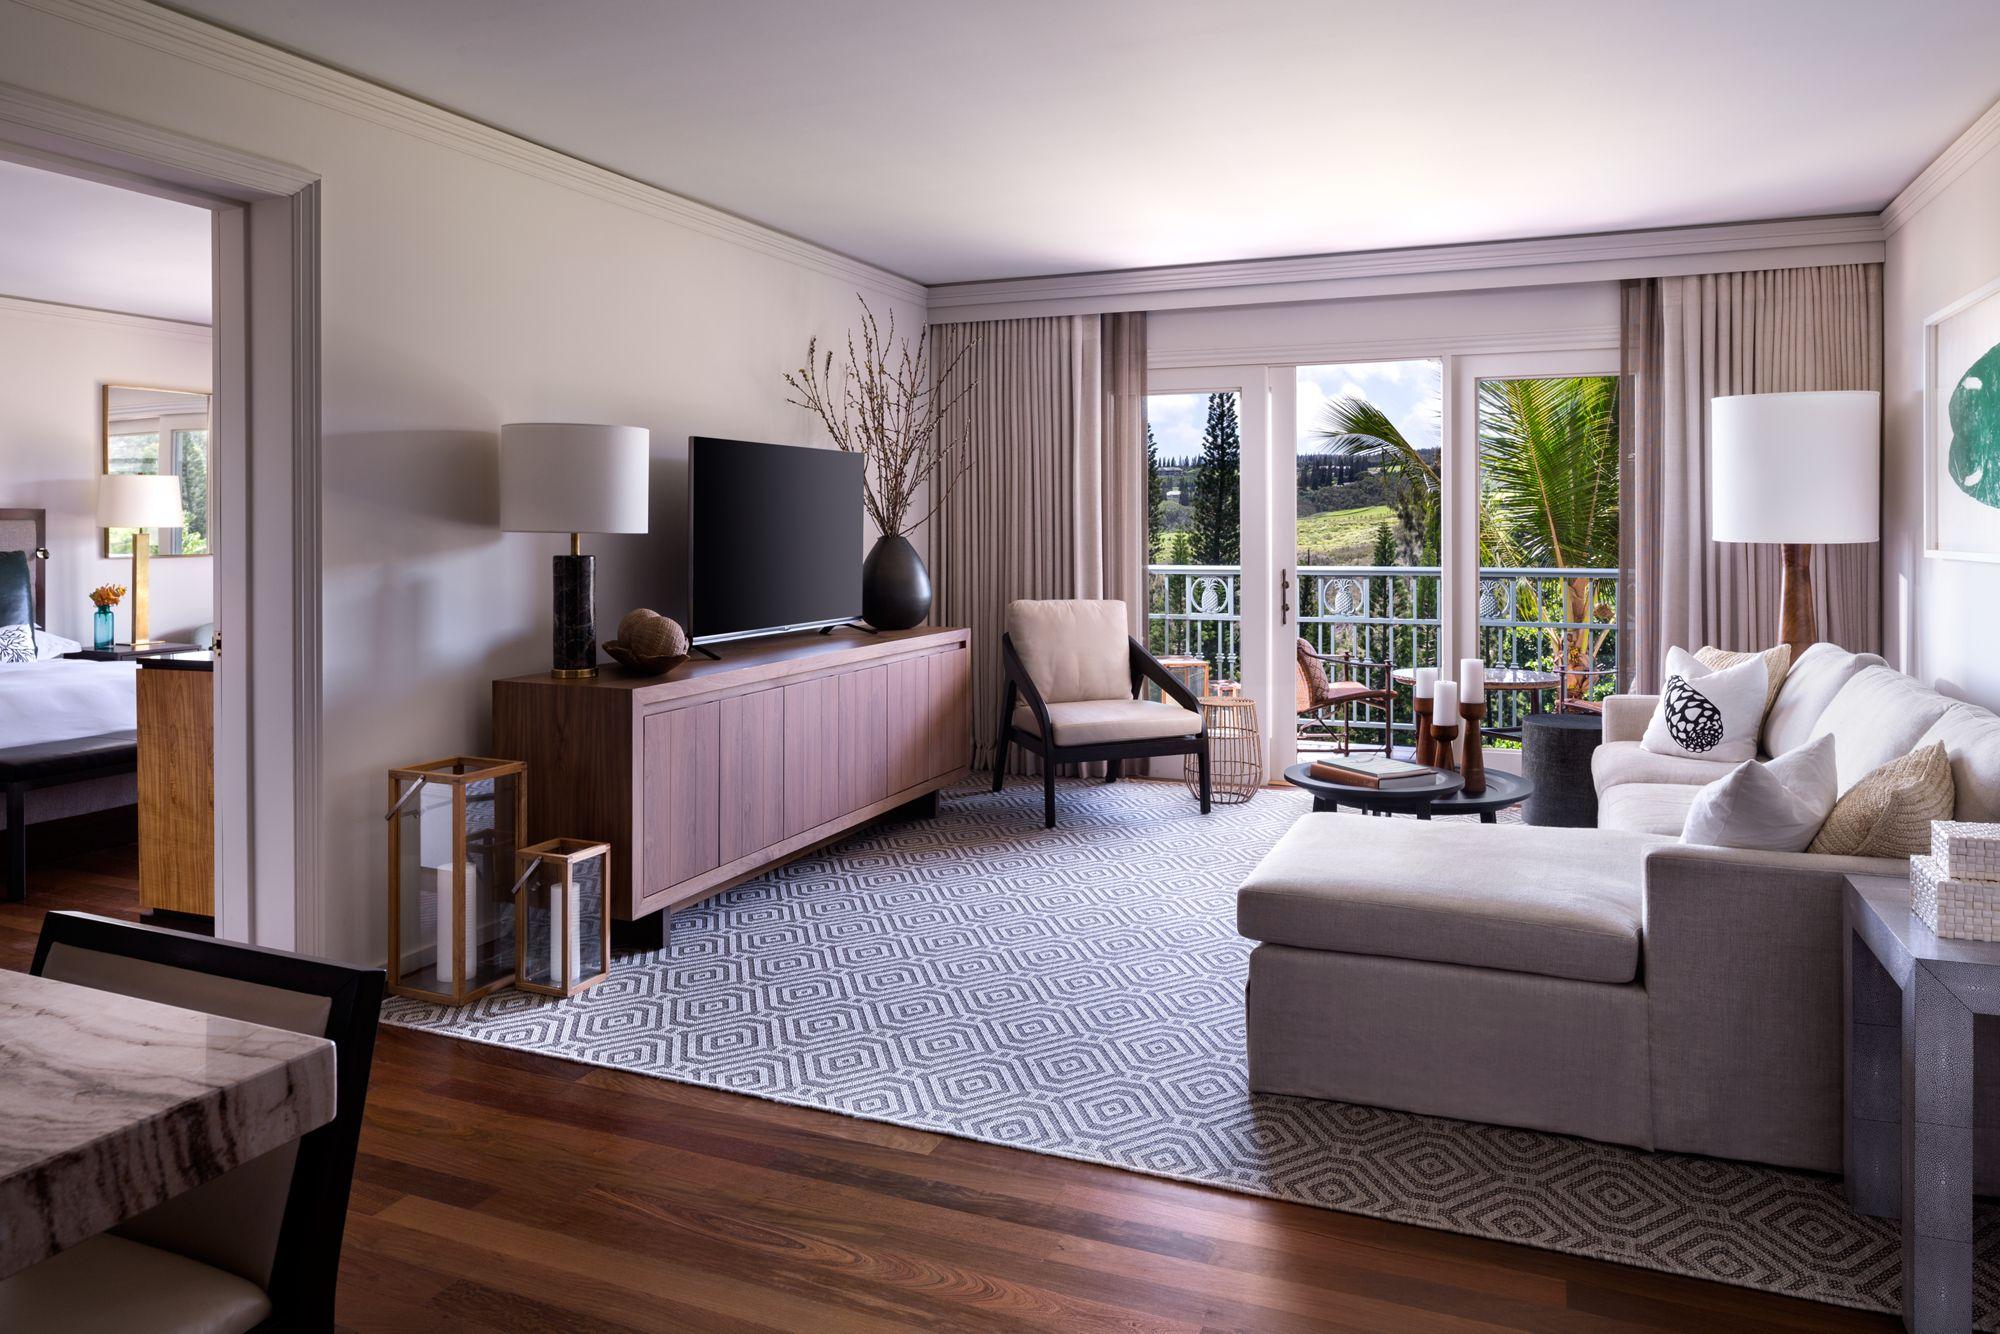 三家投资公司联手收购夏威夷标志性酒店:茂宜岛的丽思卡尔顿度假村